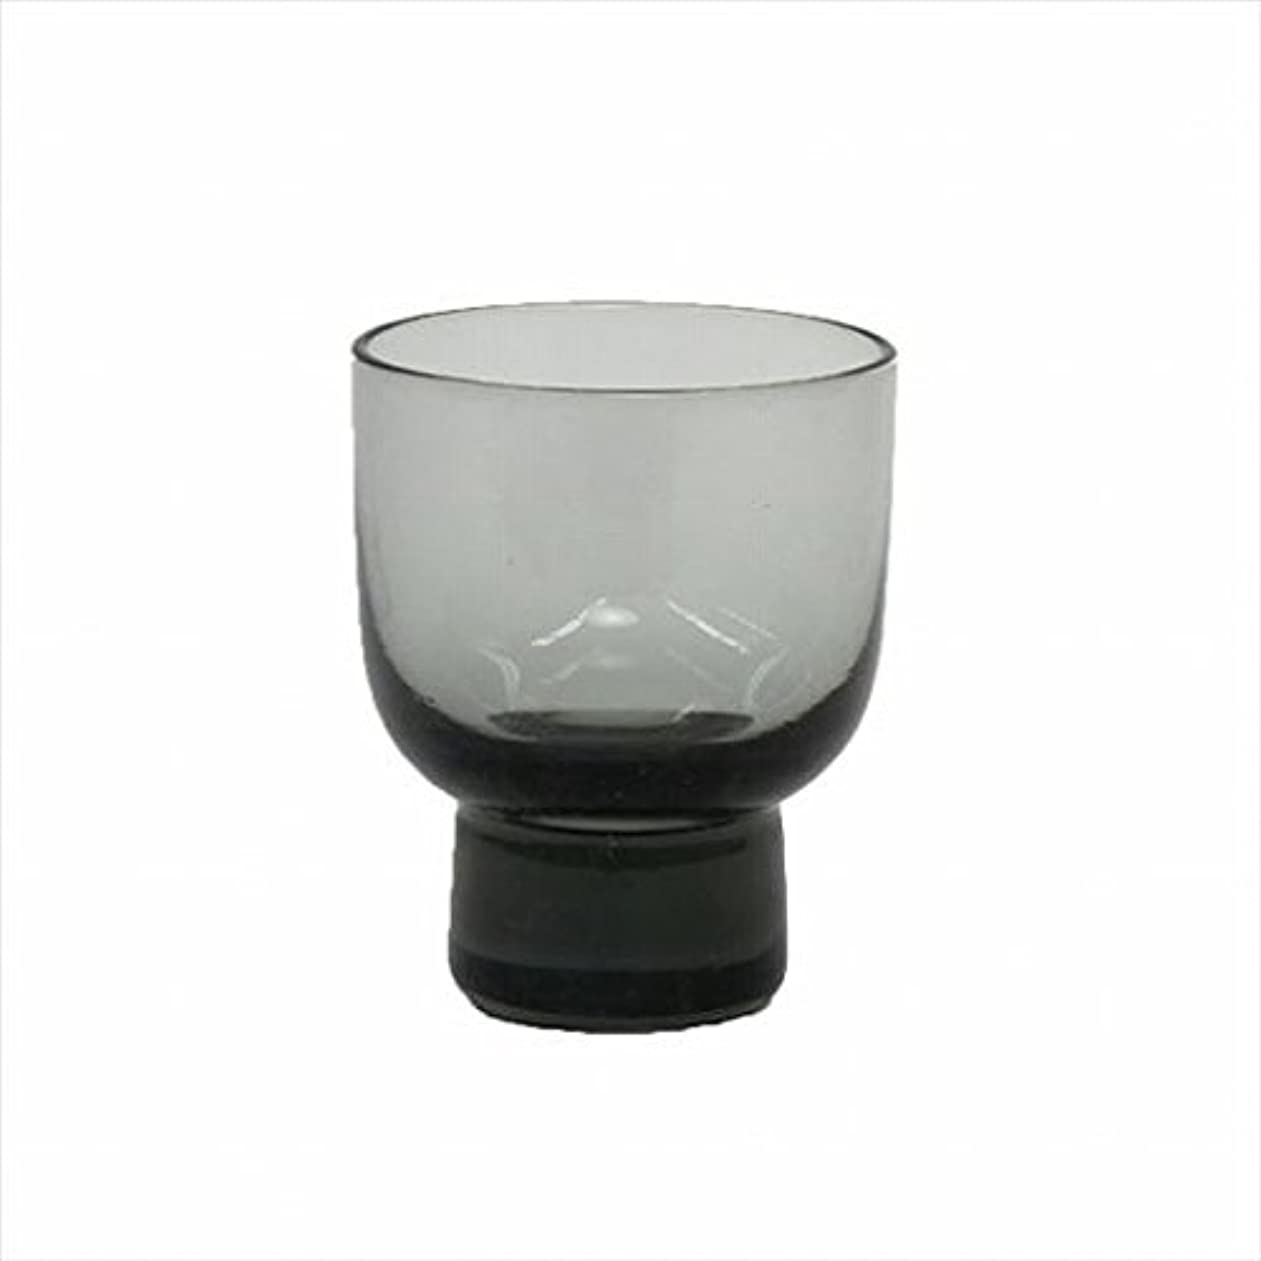 血まみれの途方もない編集者カメヤマキャンドル(kameyama candle) ロキカップ 「 スモーク 」